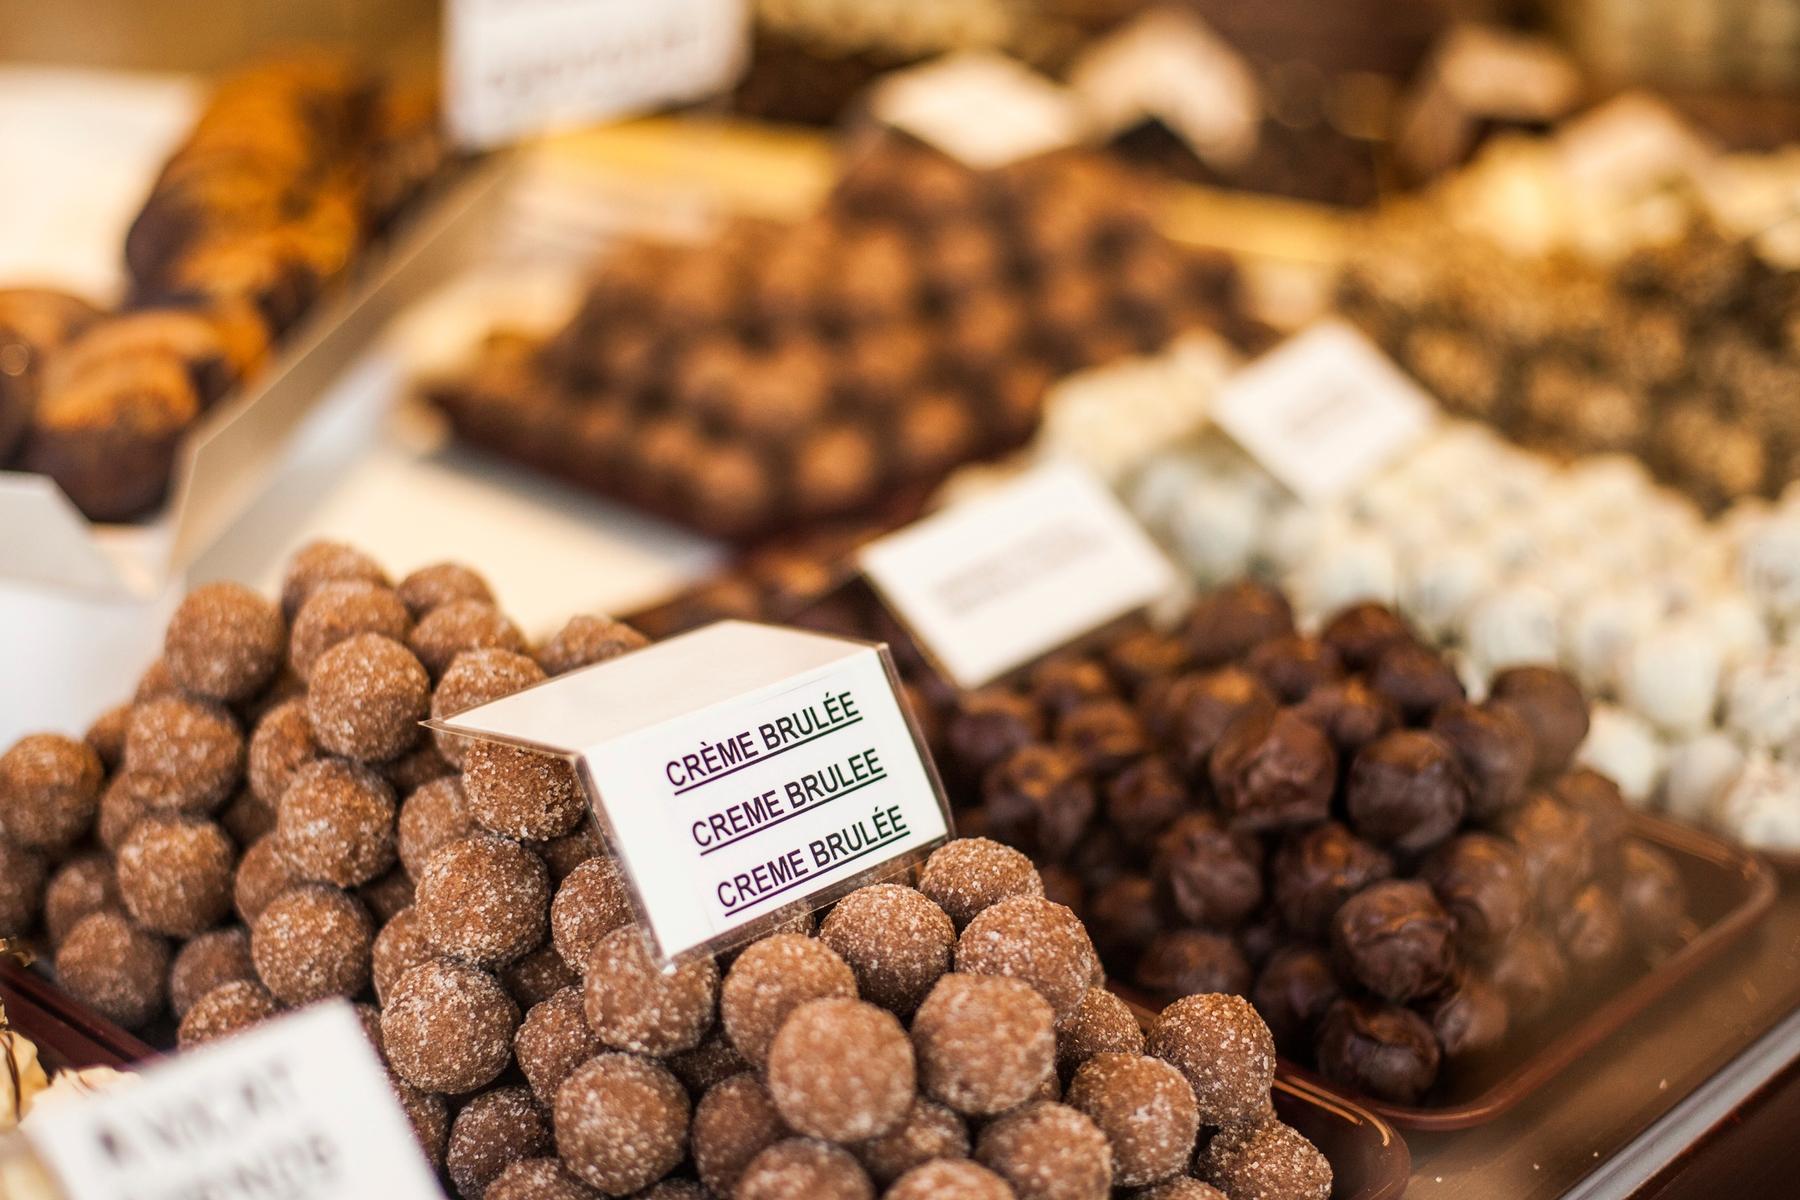 Бельгийские шоколадные трюфели с разными вкусами на витрине магазина.